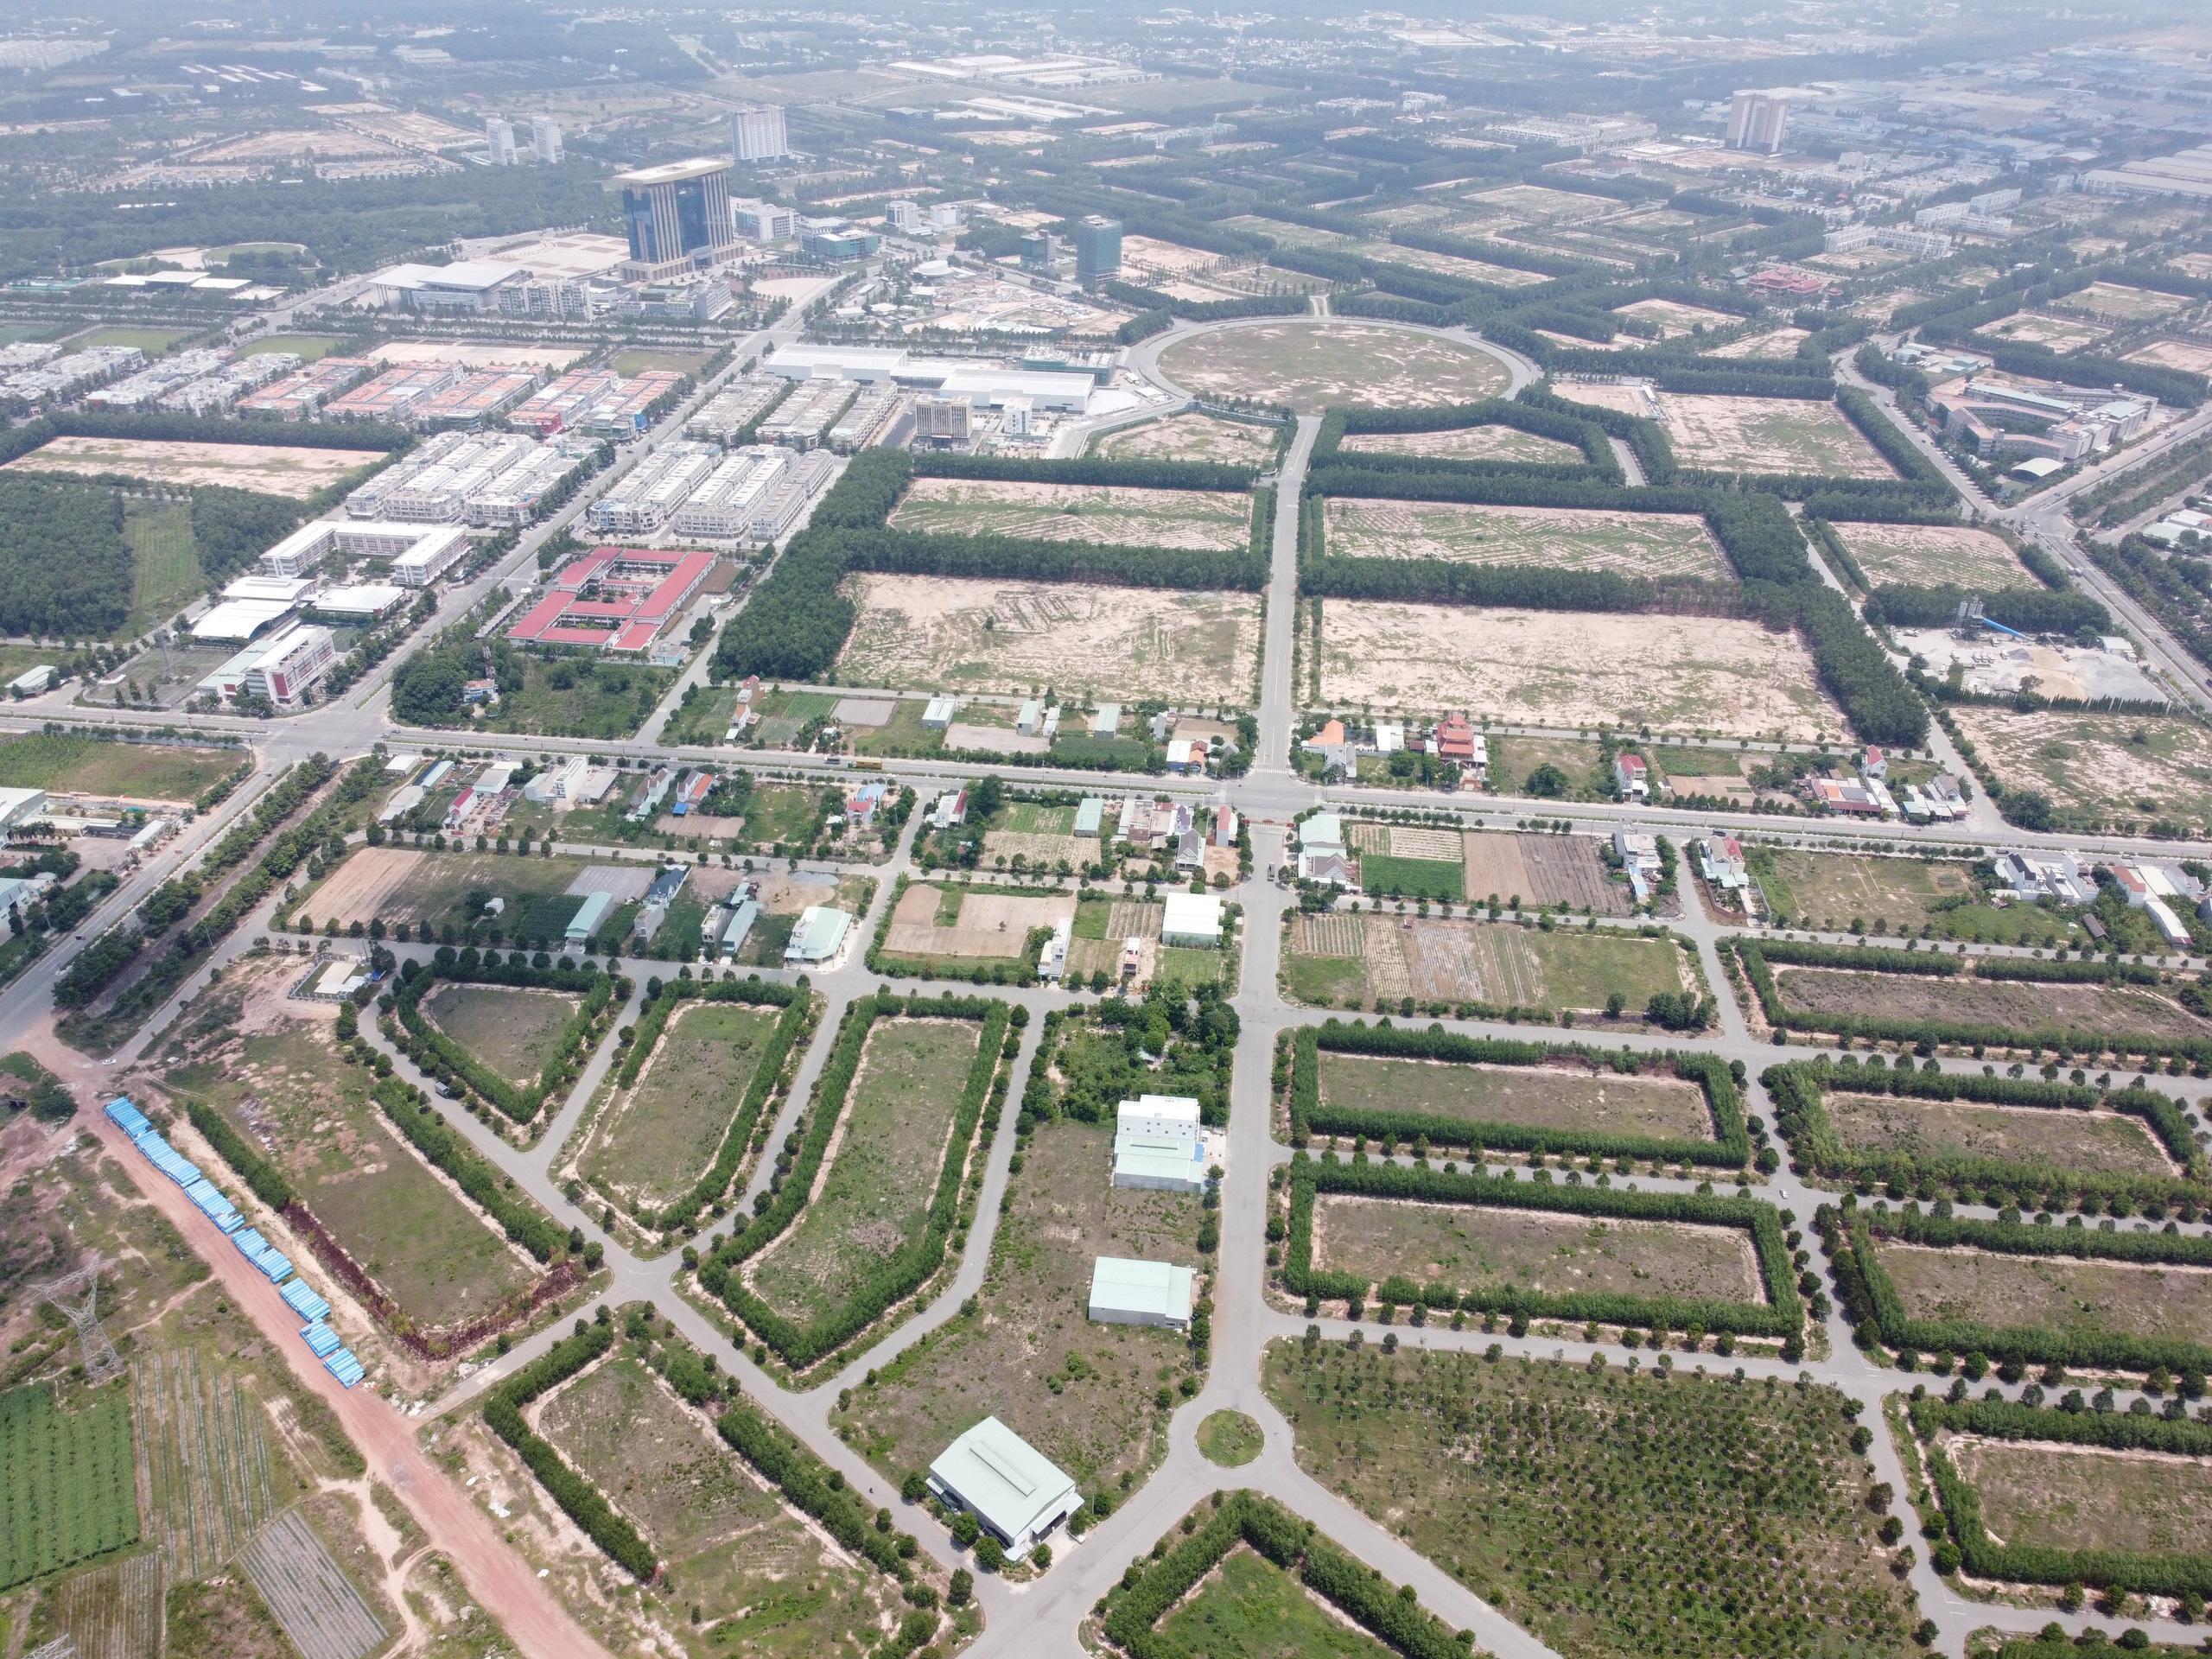 Cận cảnh 4 khu đất khoảng 1.000 tỷ ông Dũng 'lò vôi' tặng quỹ phòng chống COVID-19 - Ảnh 5.